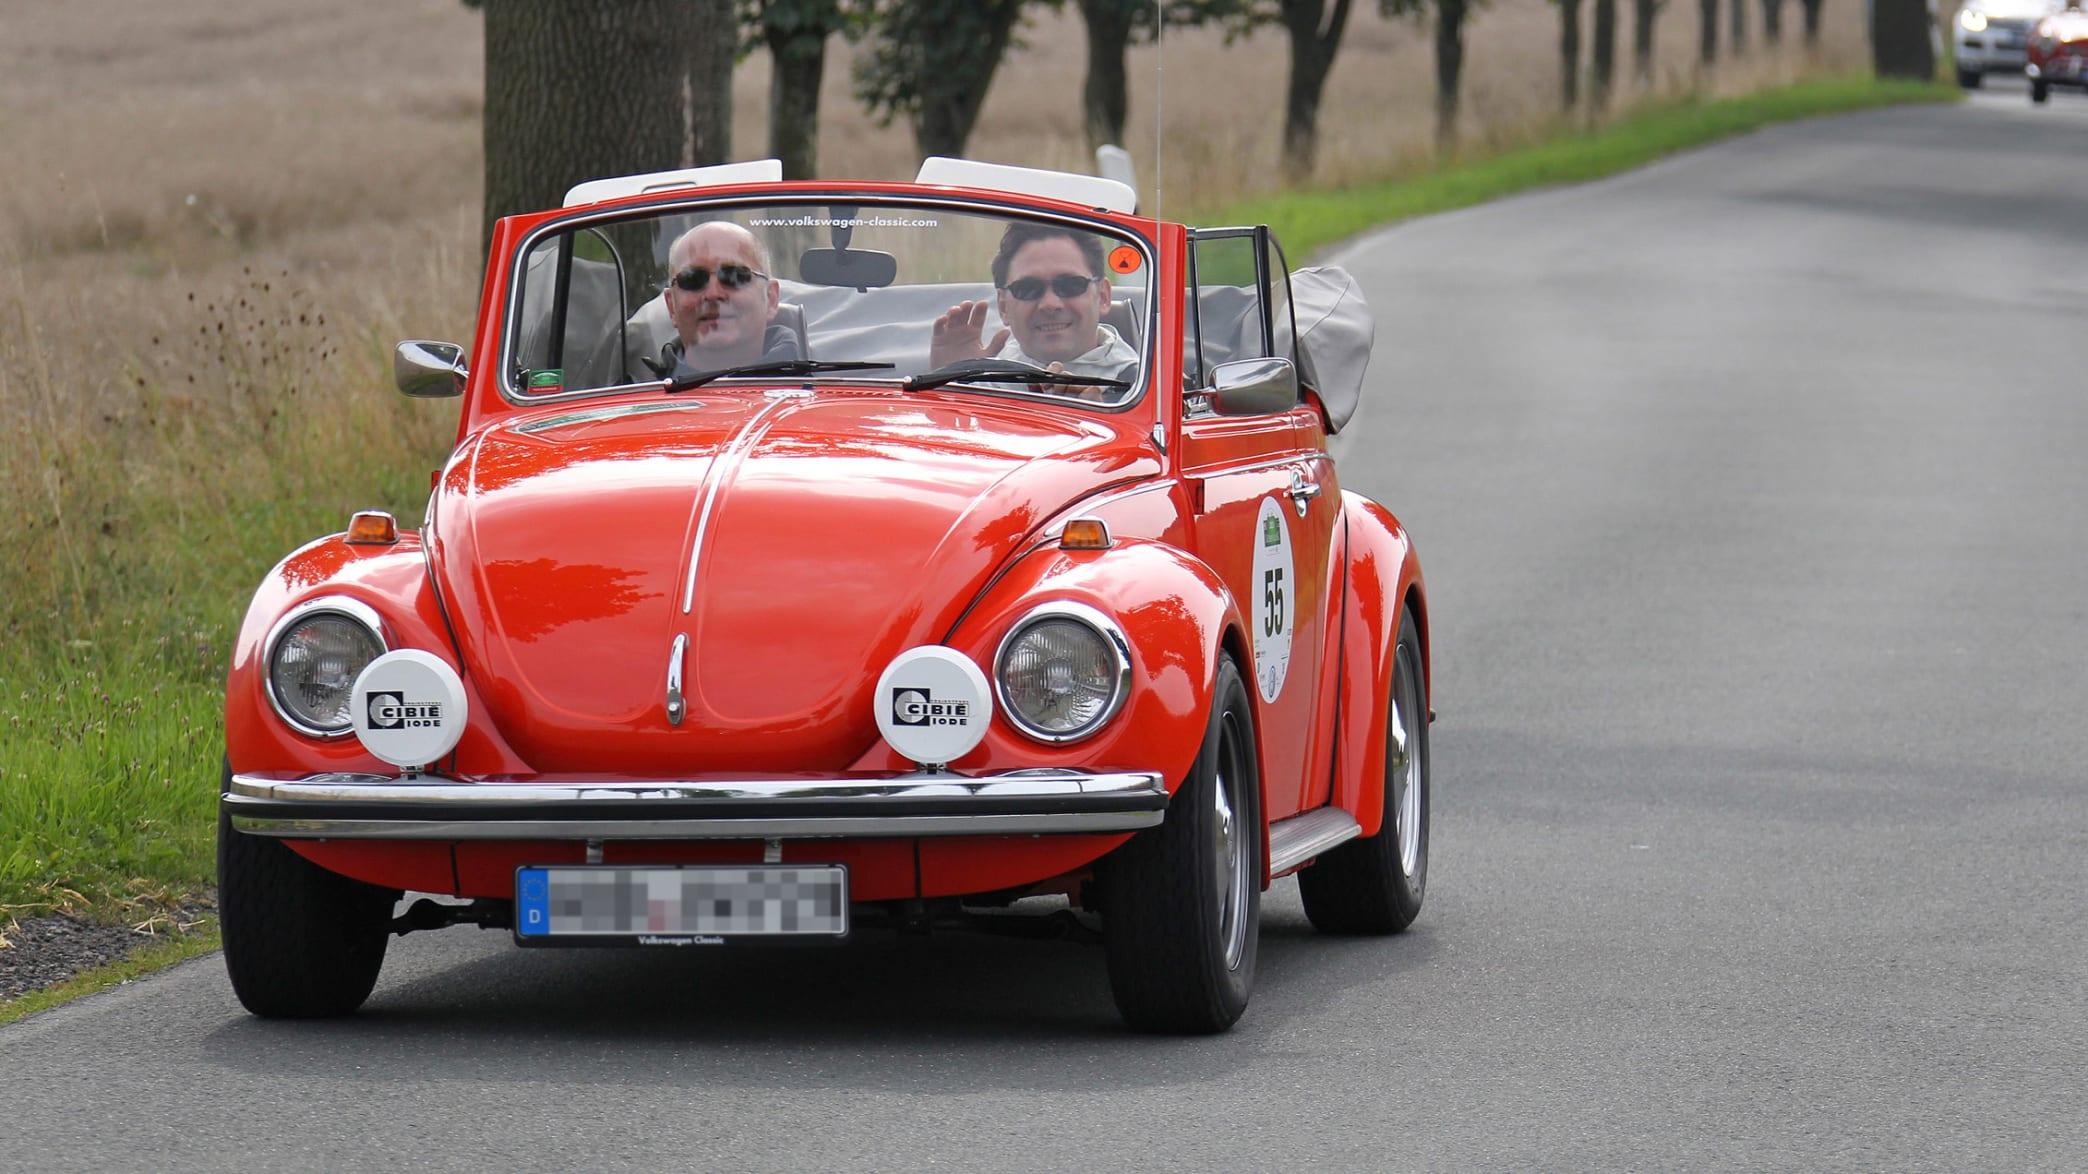 Roter VW Käfer fährt auf einer Straße